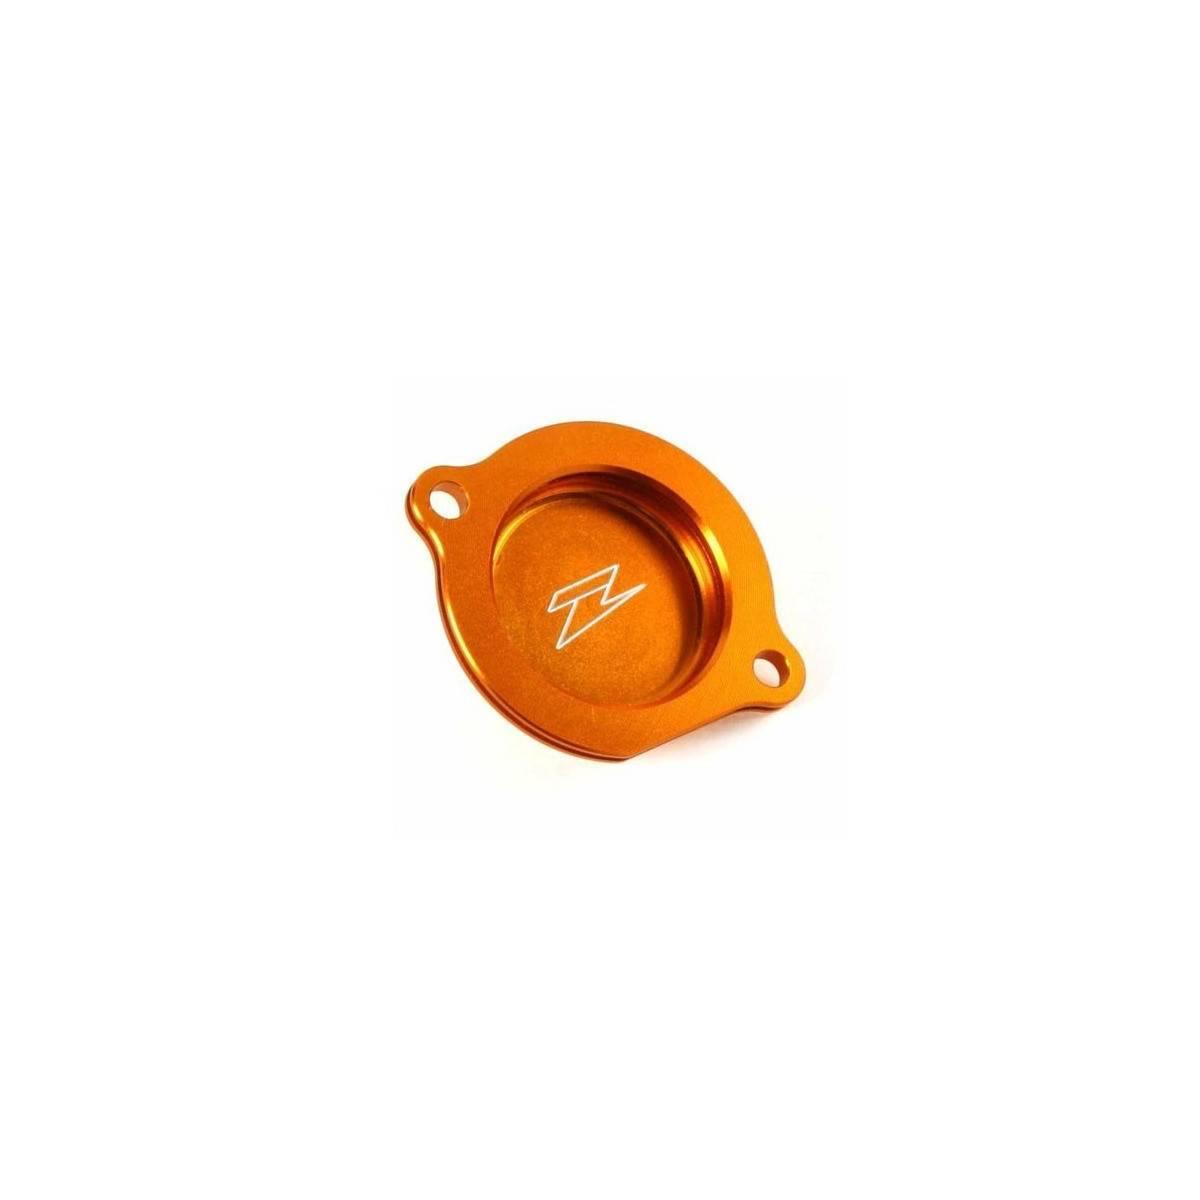 ZE90.1447 - Tapa Filtro Aceite Zeta Ktm 450 505Sx-F´07-, 450Smr´08 Naranja